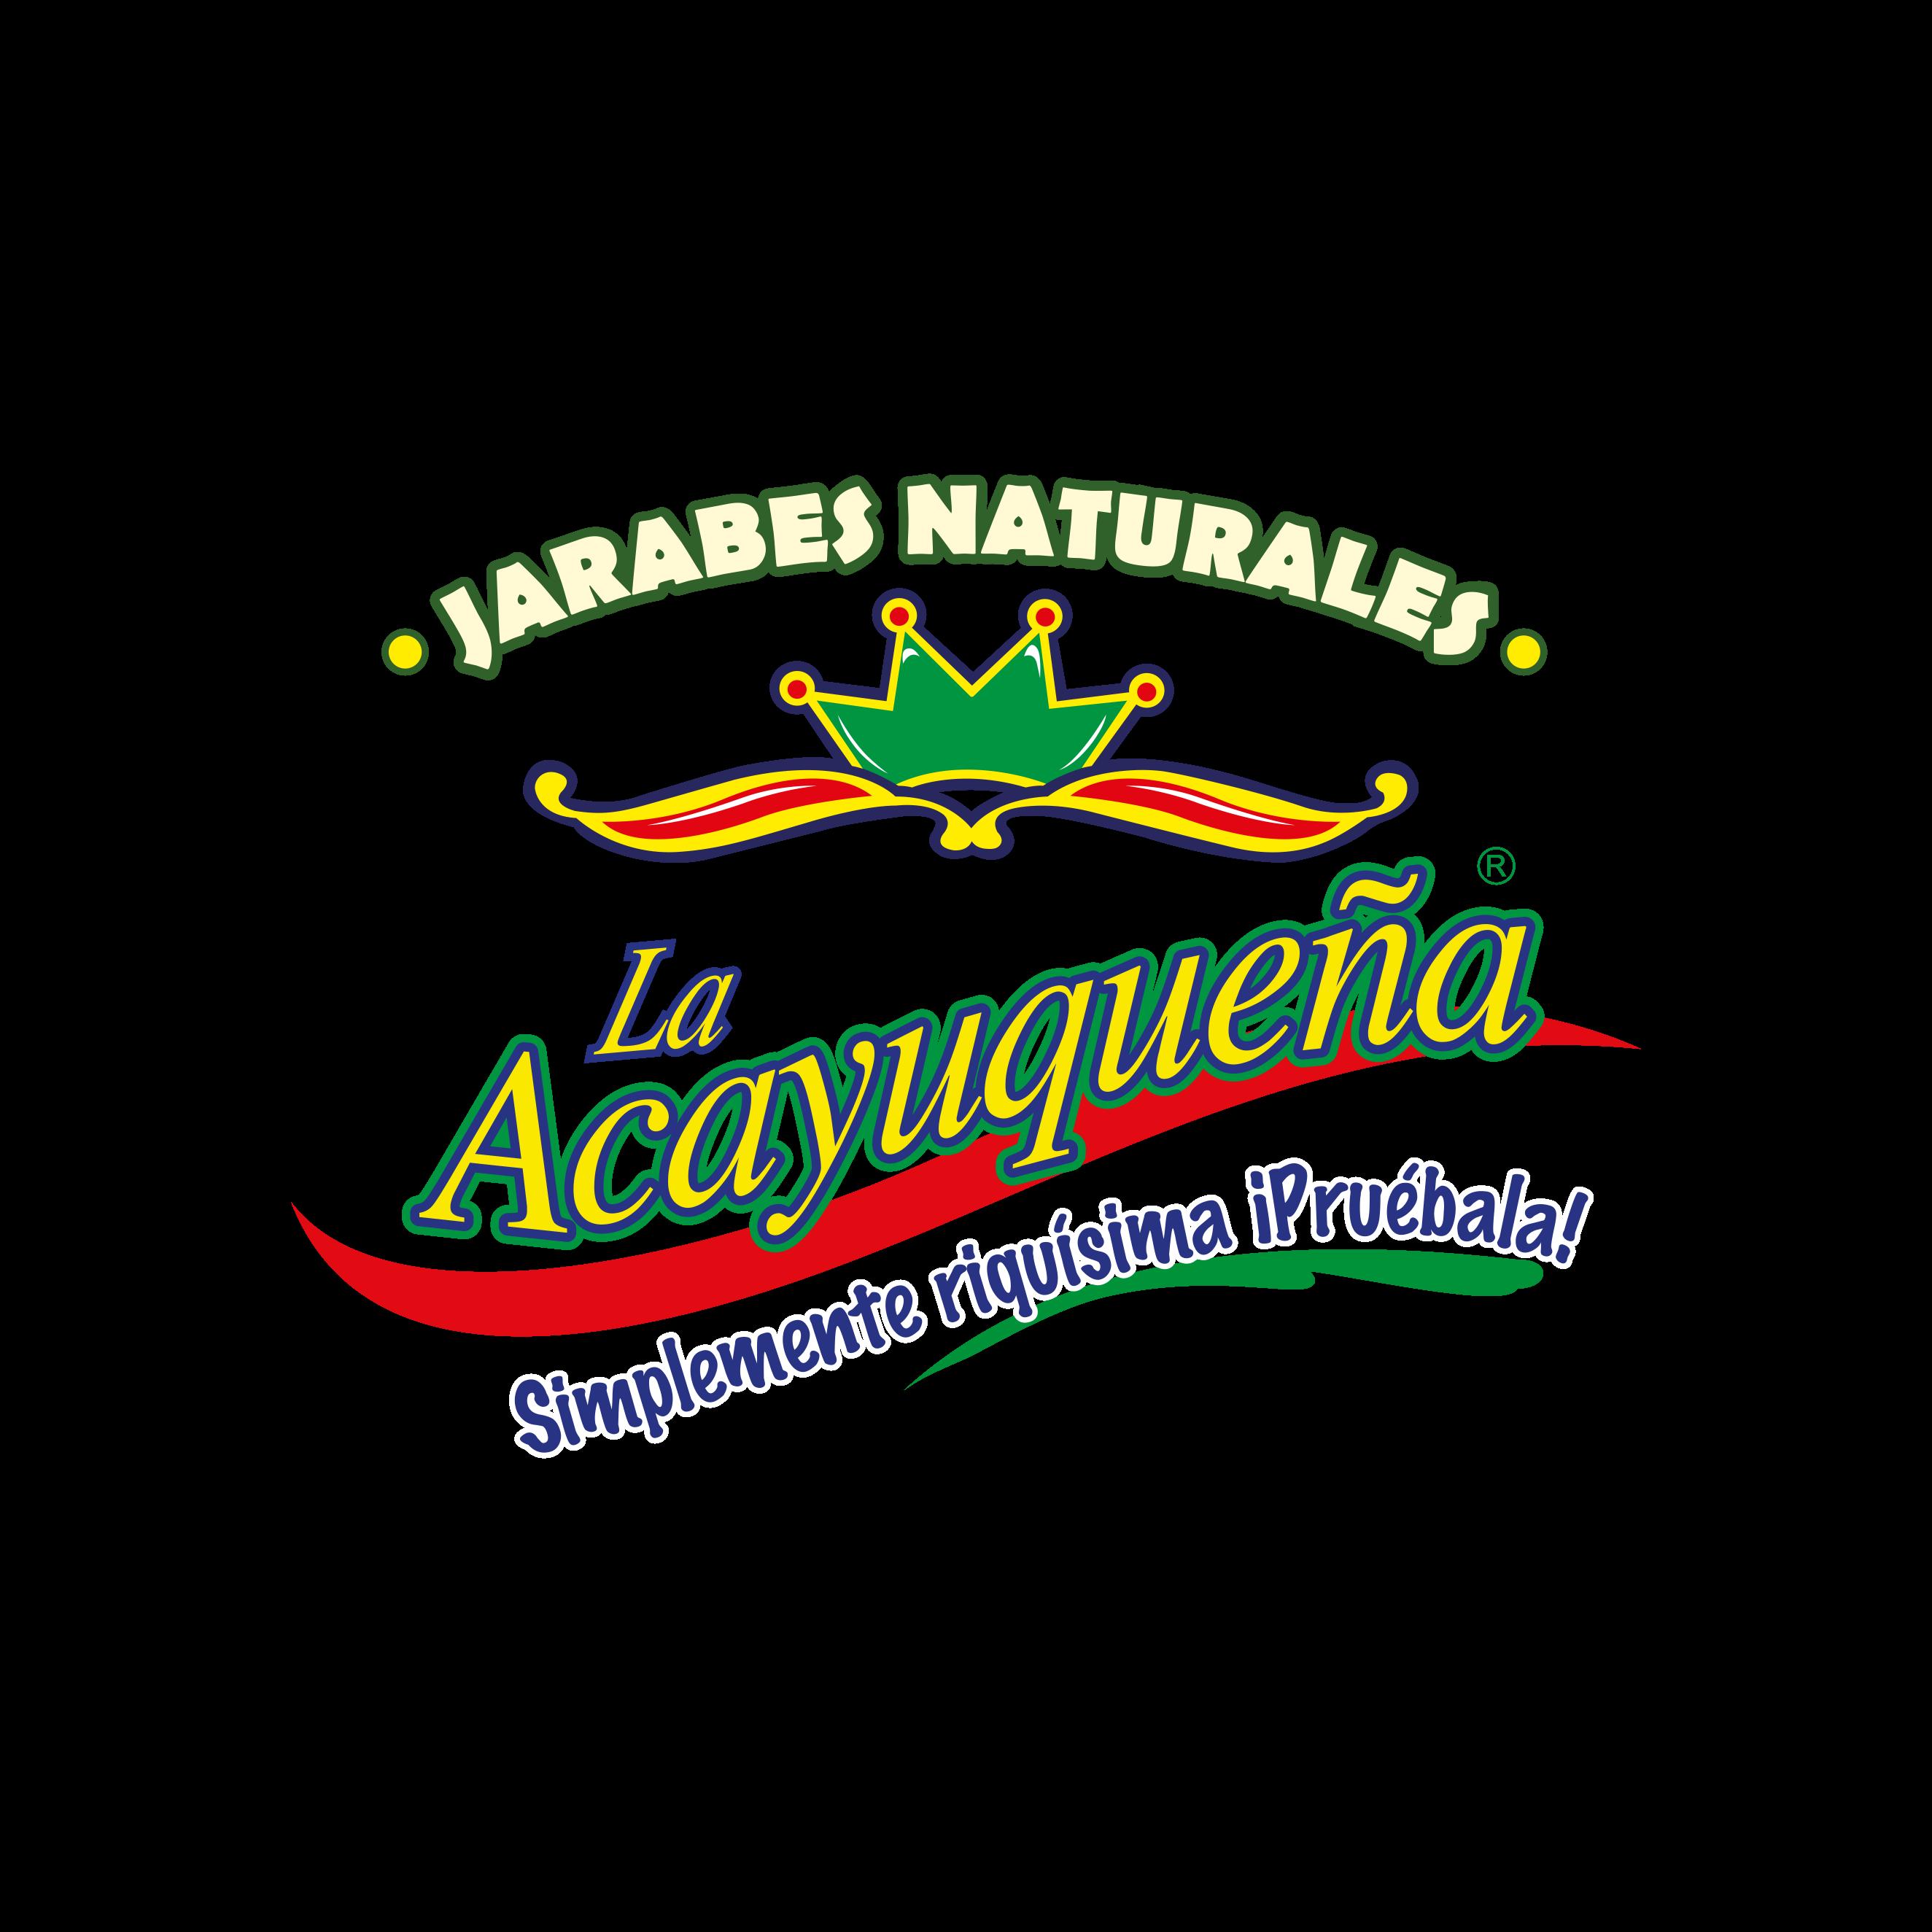 https://0201.nccdn.net/1_2/000/000/0c9/6ff/La-Acayuque--a-01-2649x2649.png